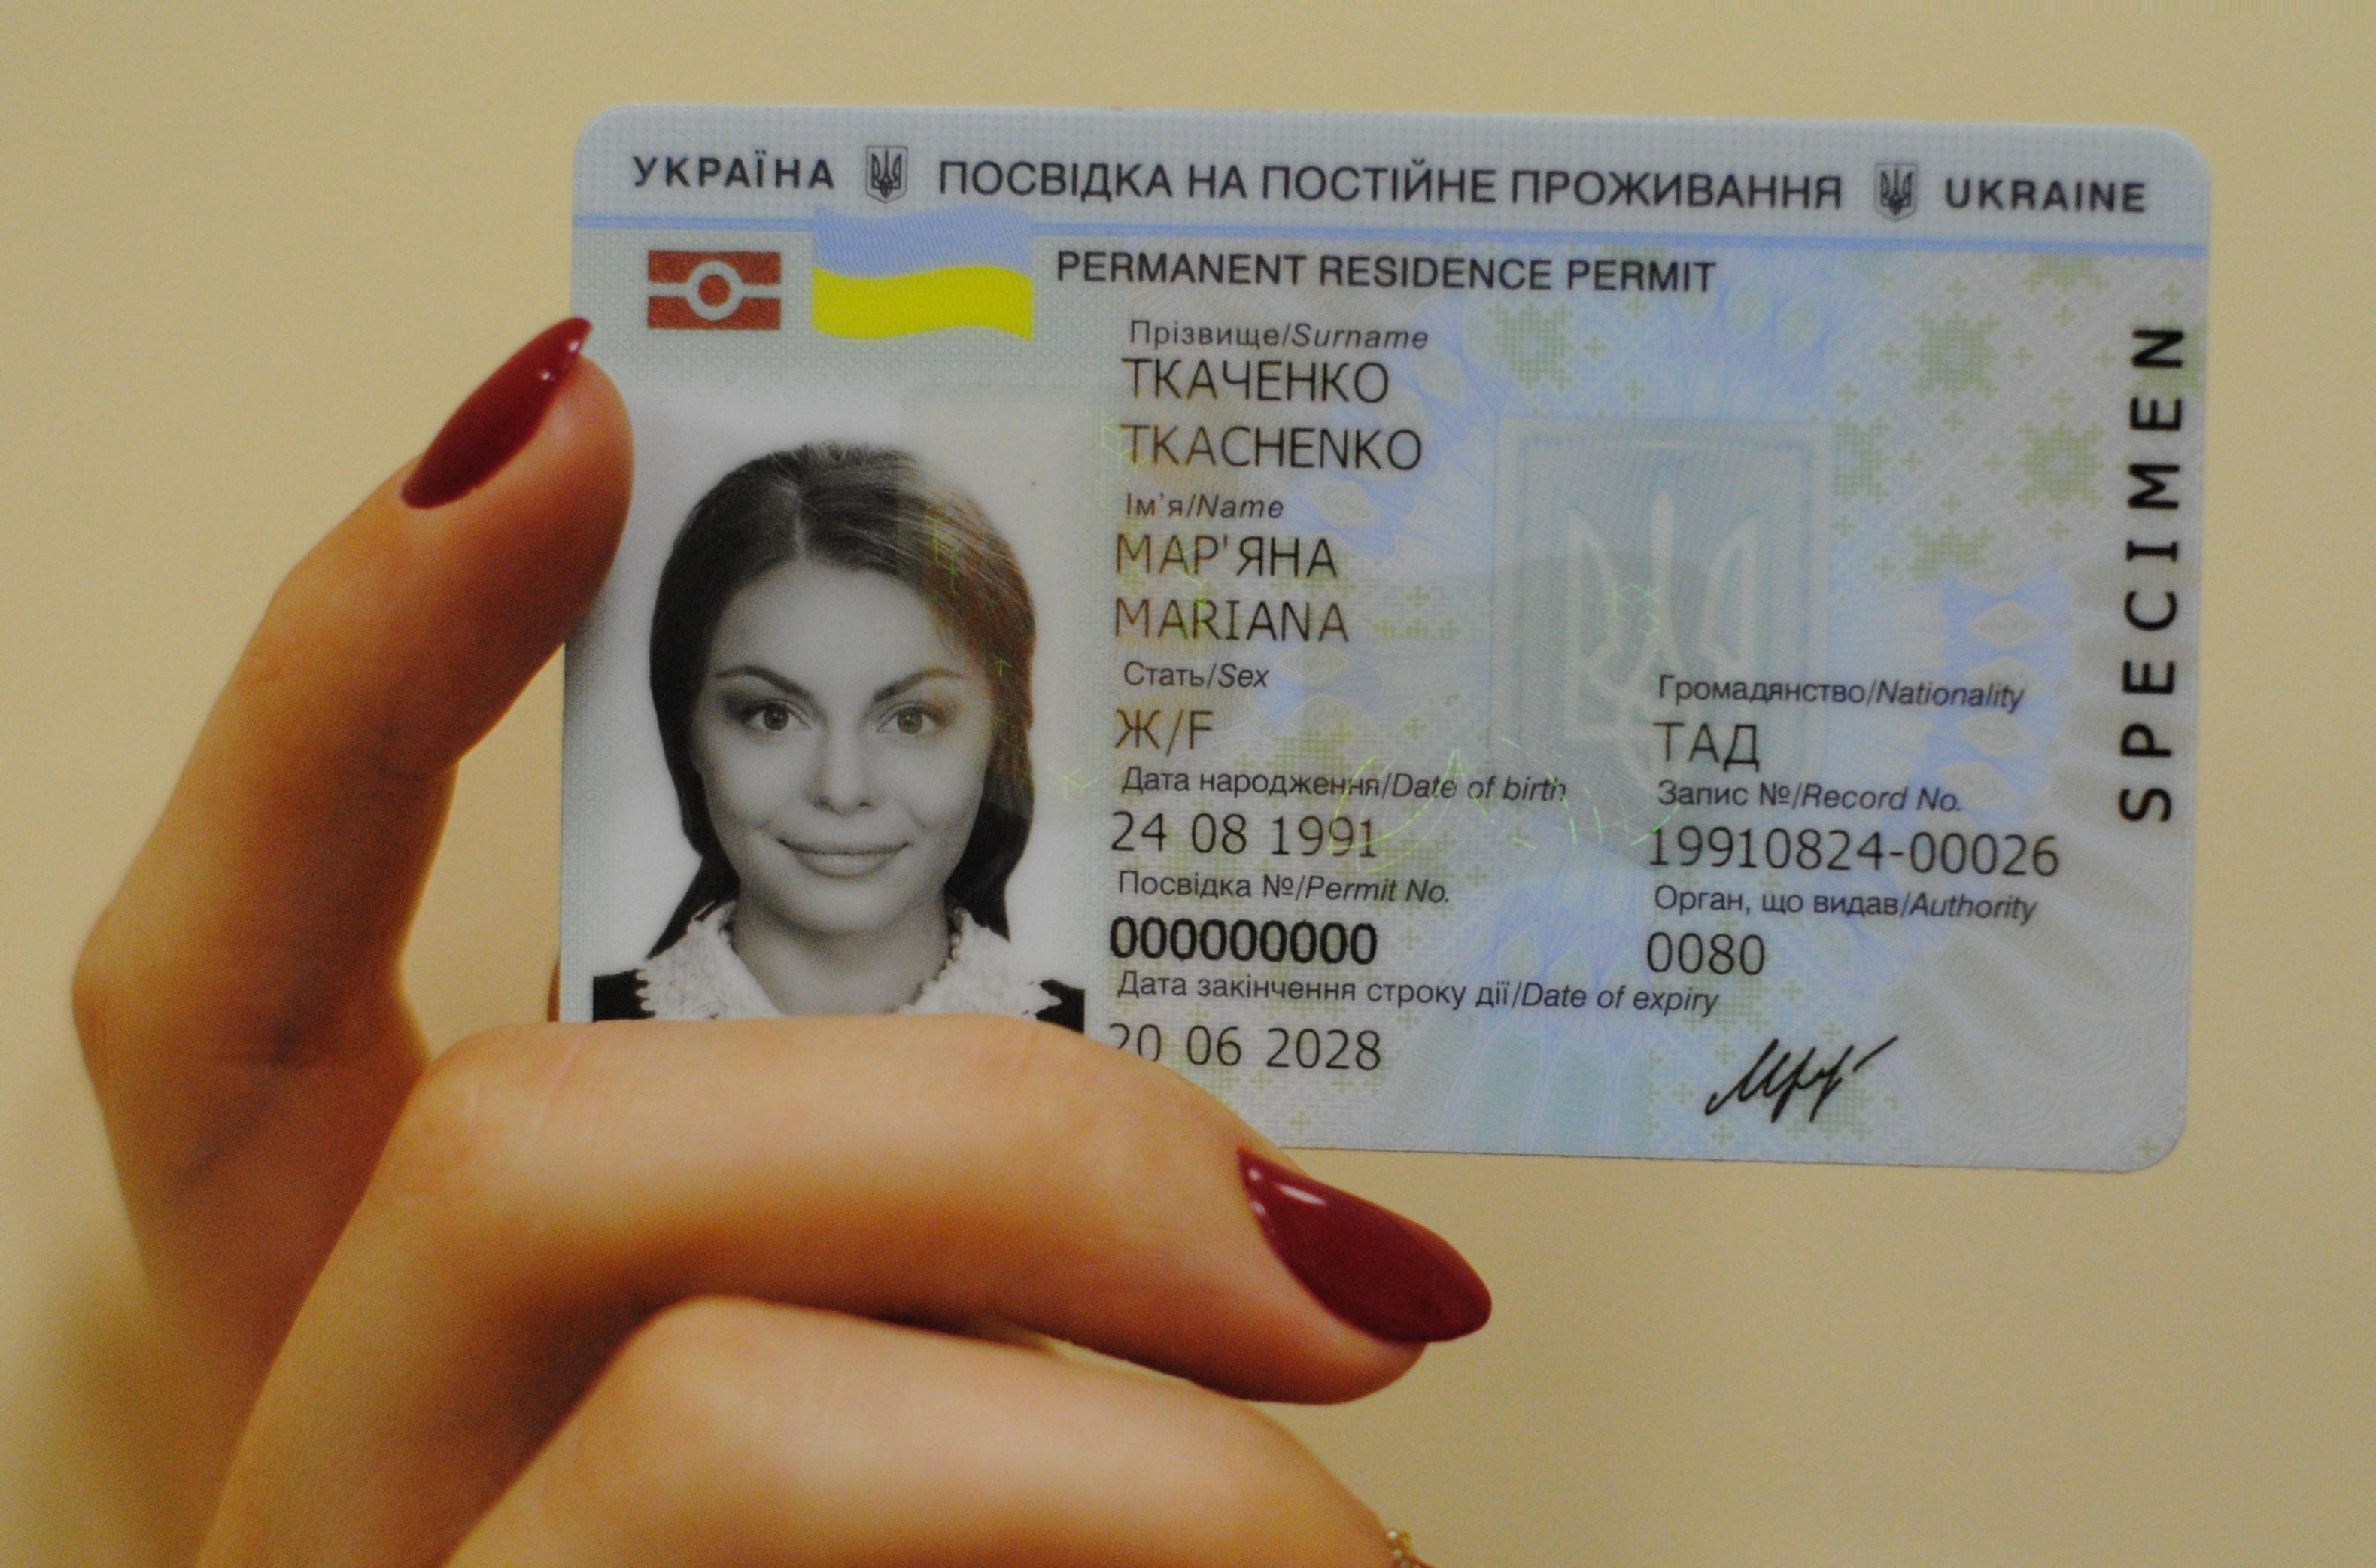 виготовлення посвідки на постійне проживання в Україні